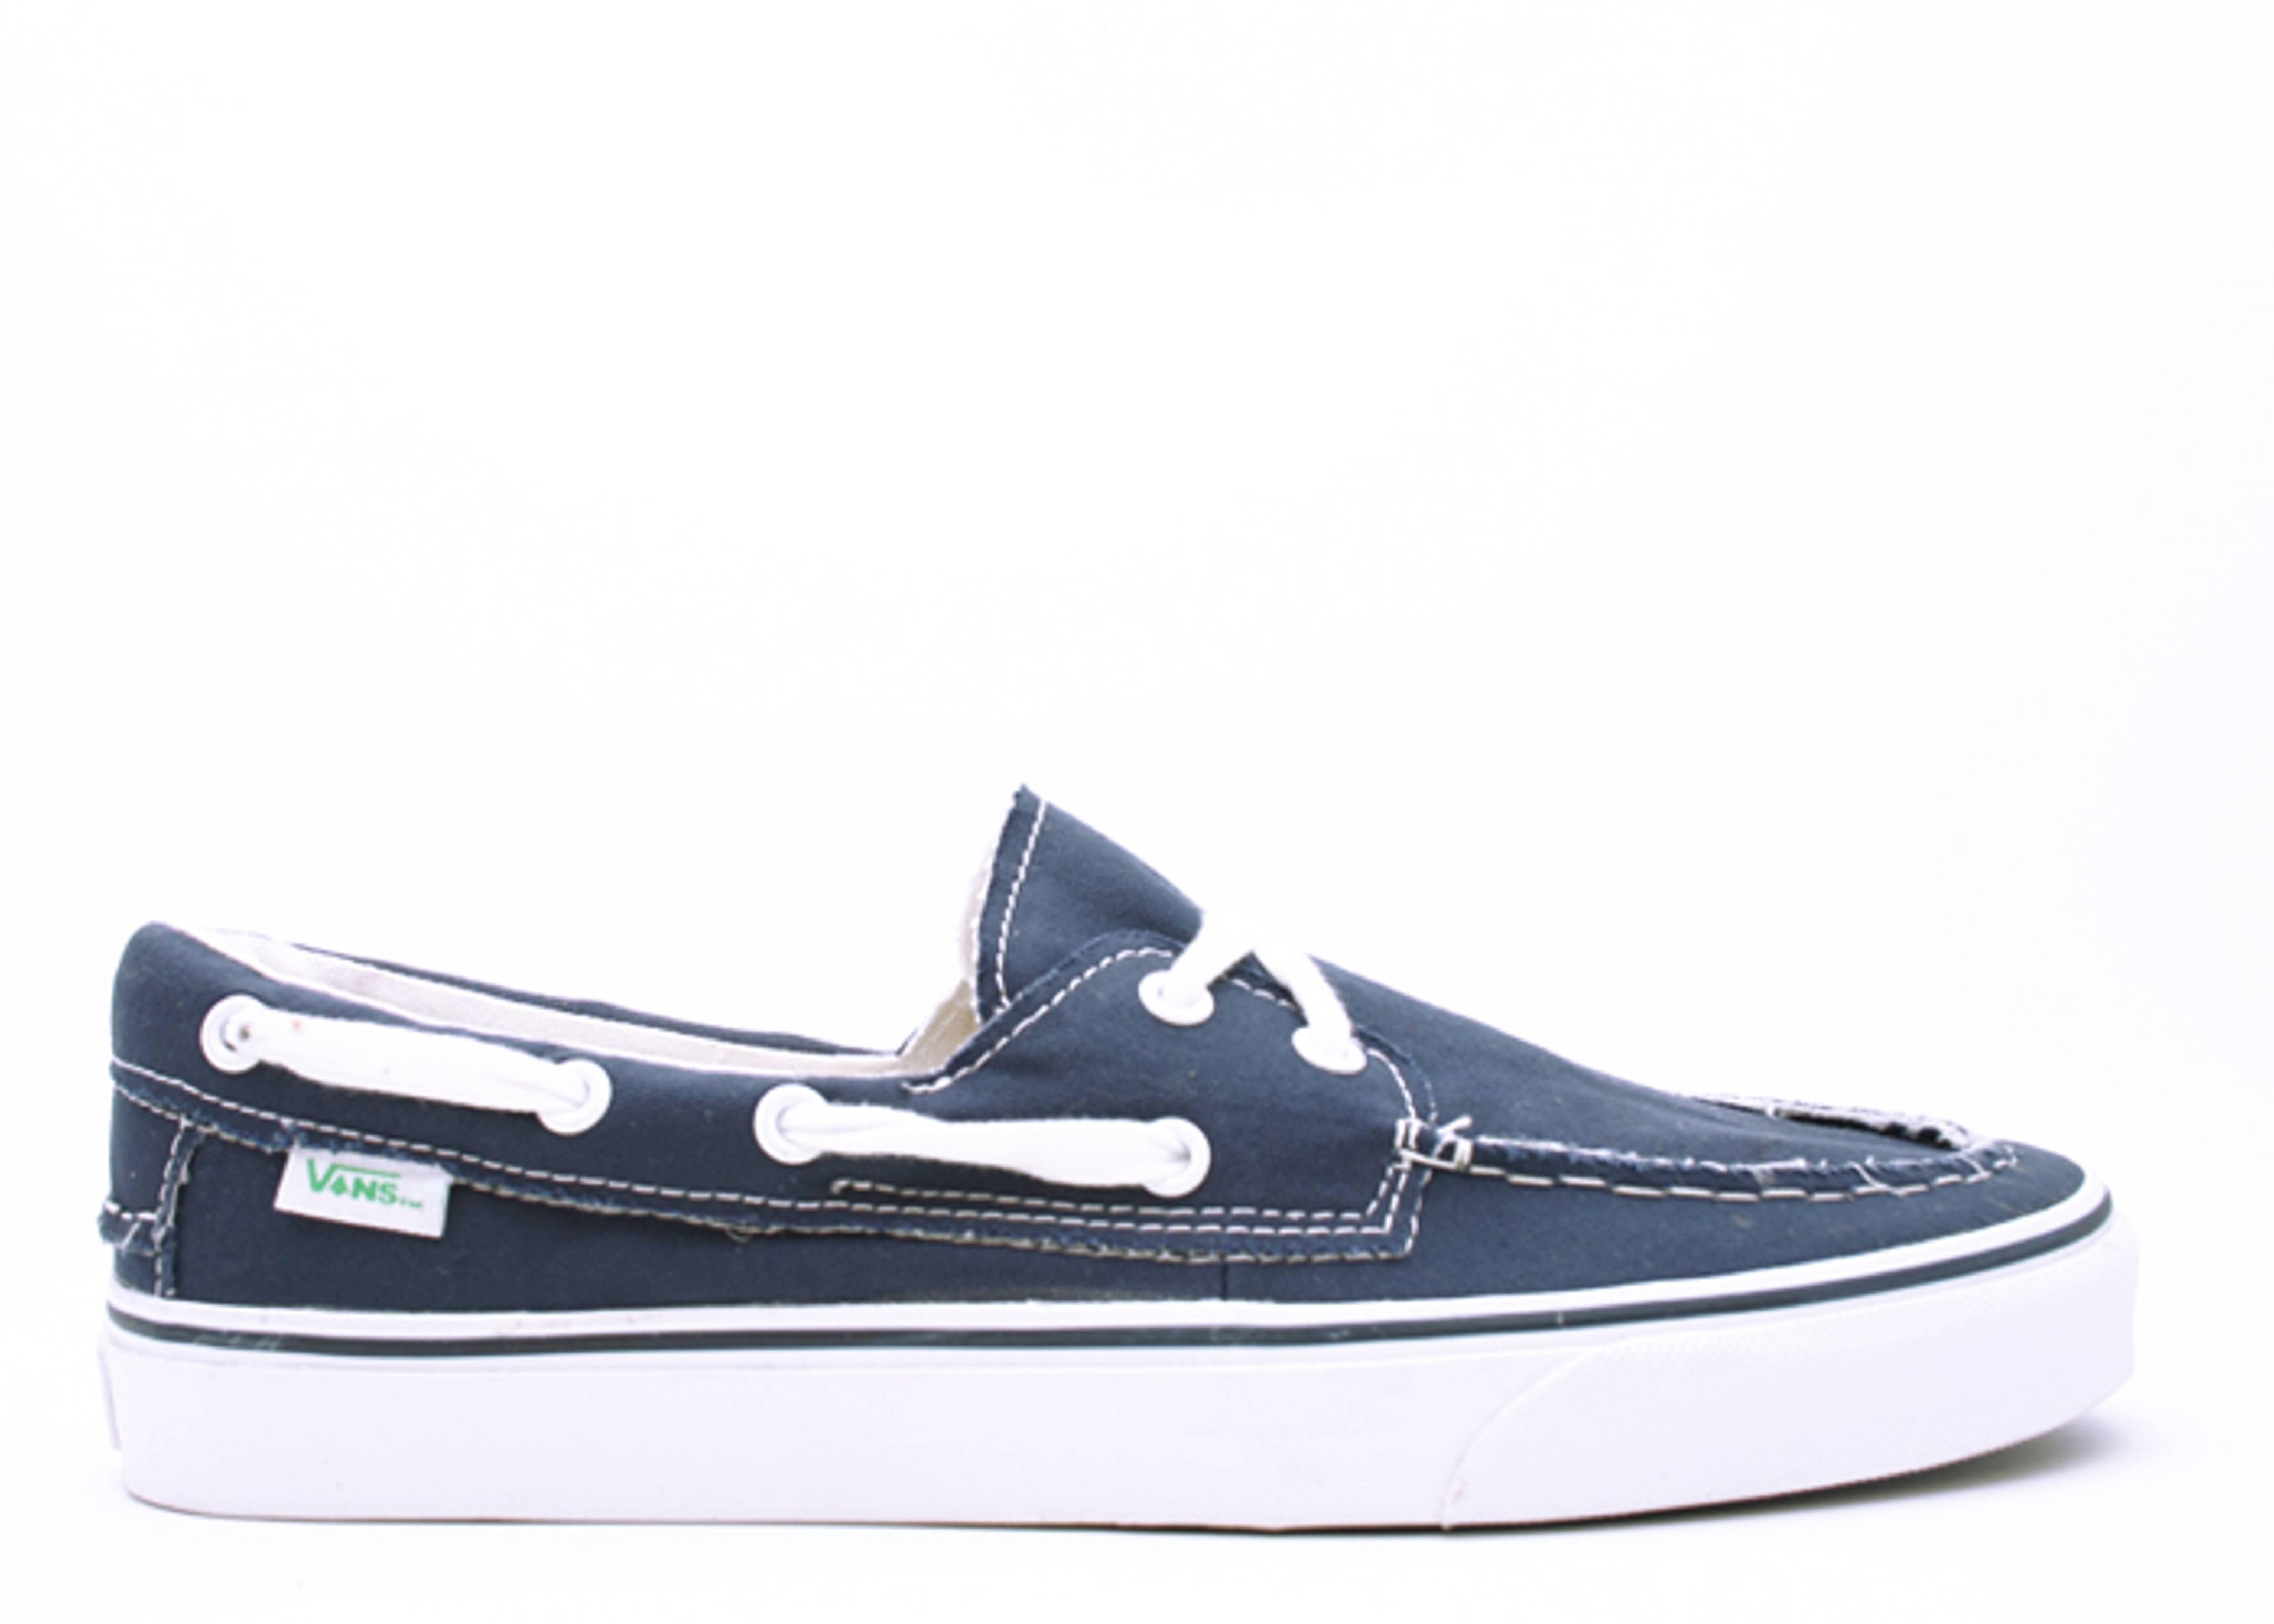 zapato del bar5co